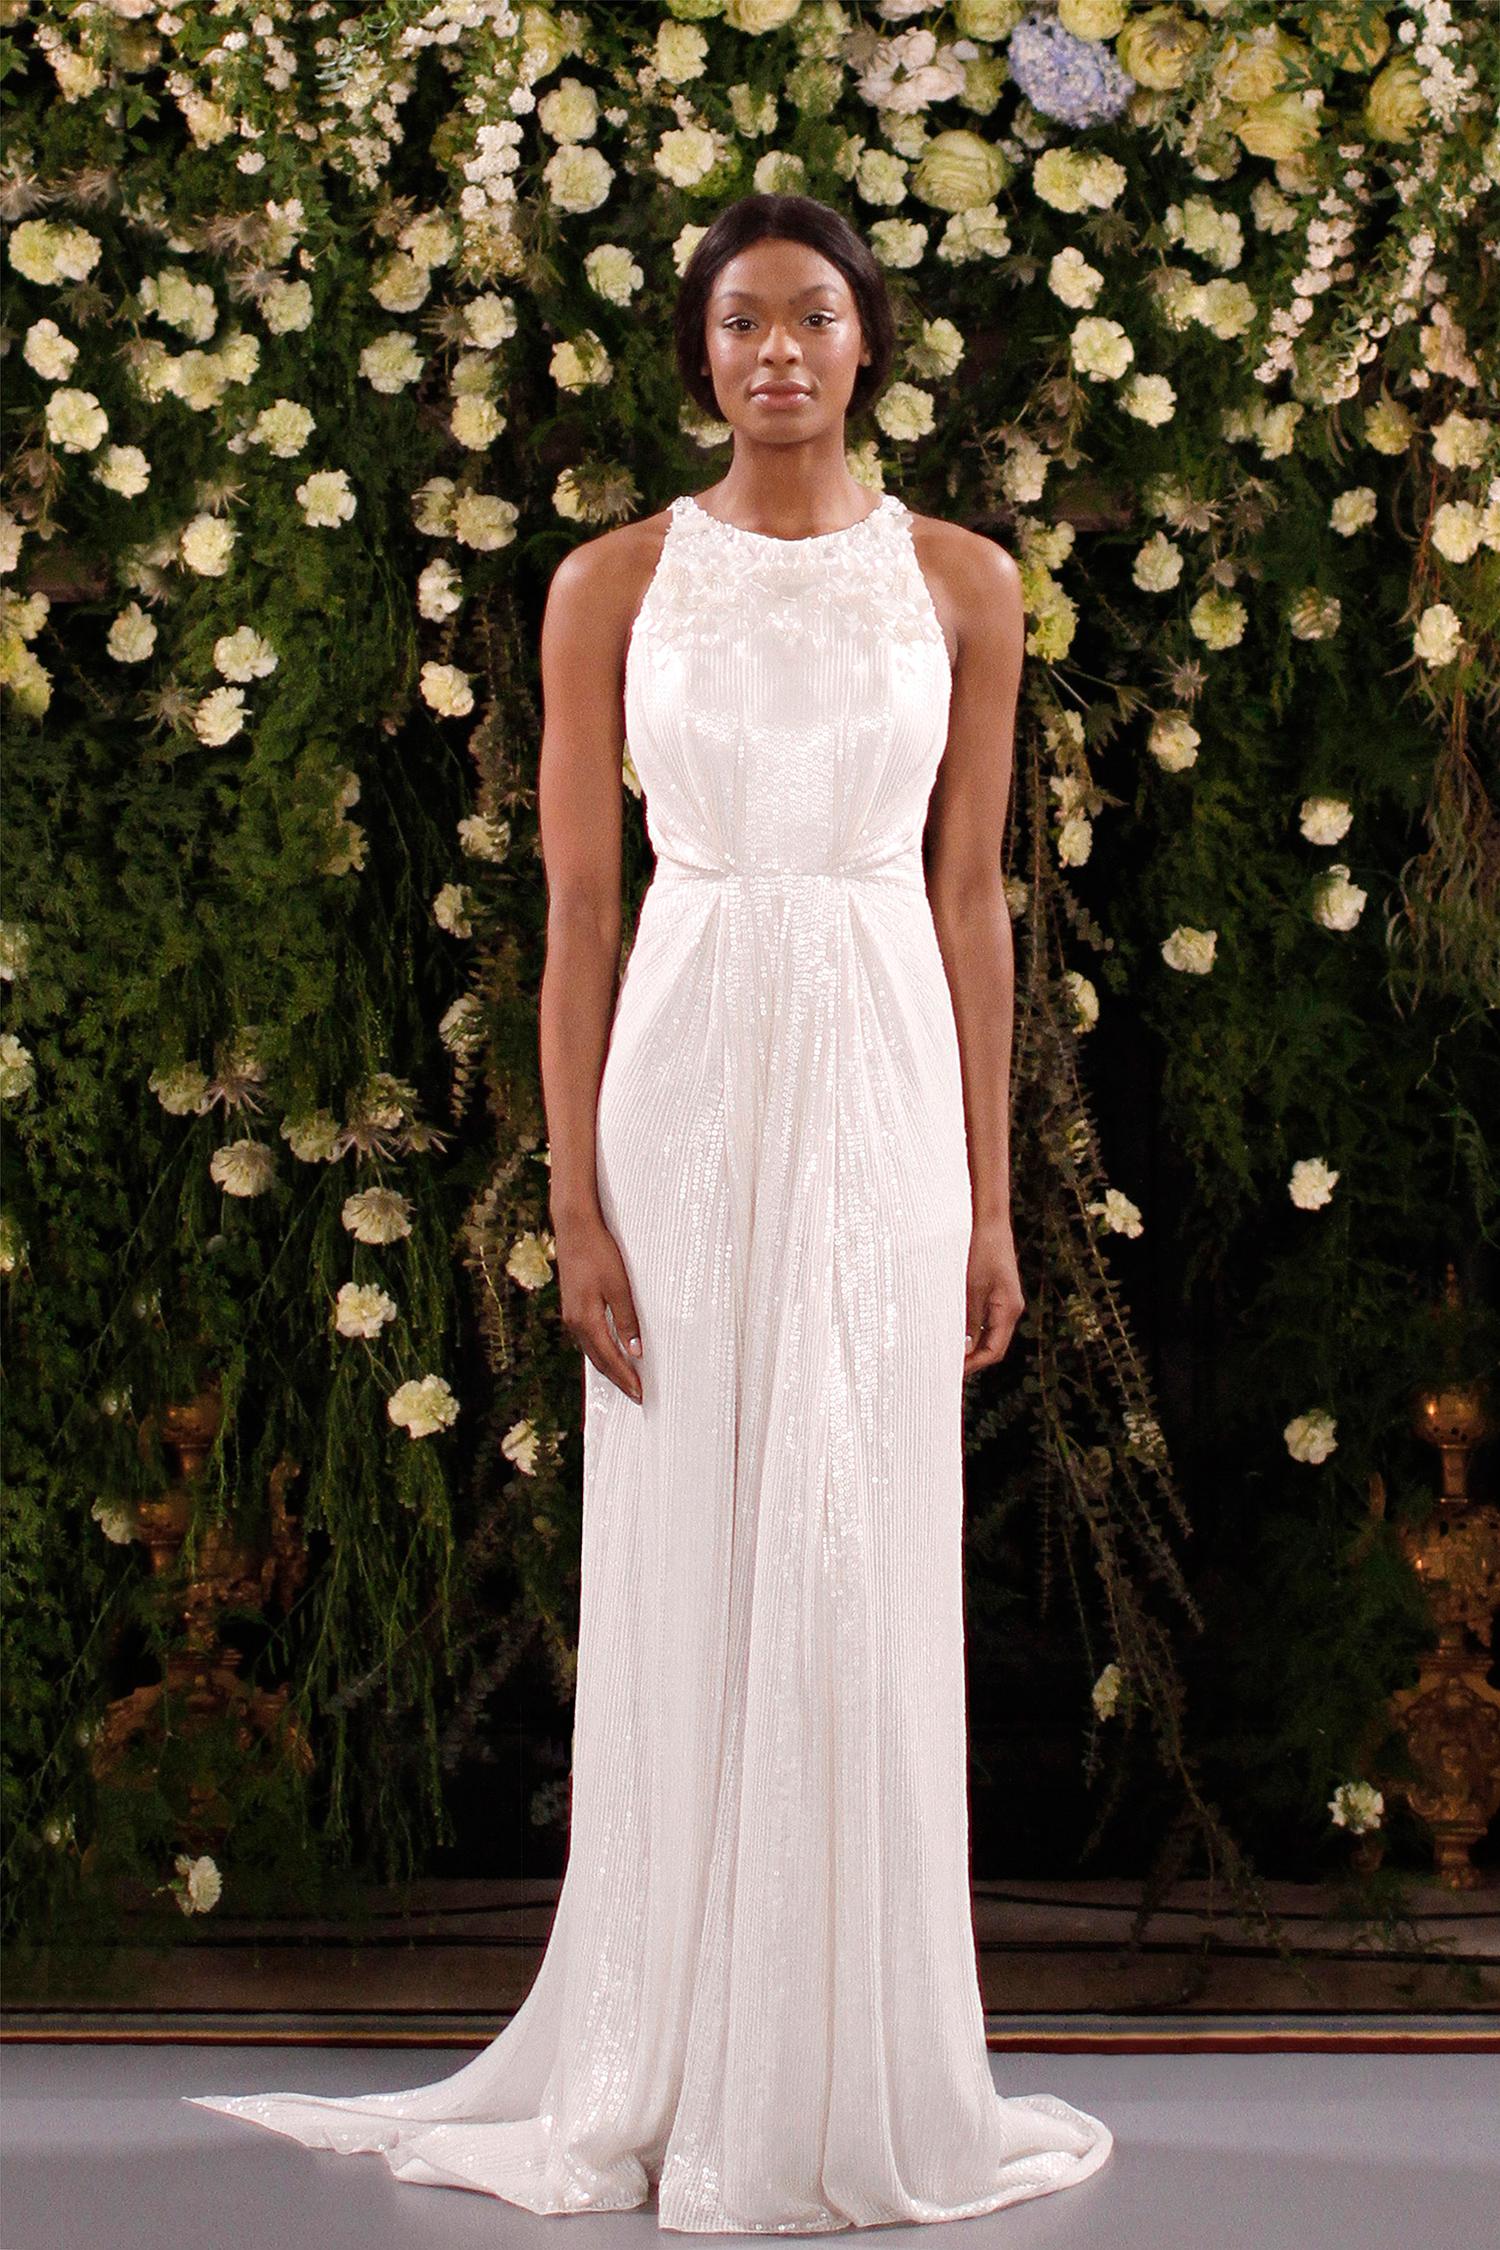 jenny packham wedding dress spring 2019 embellished high-neck sheath